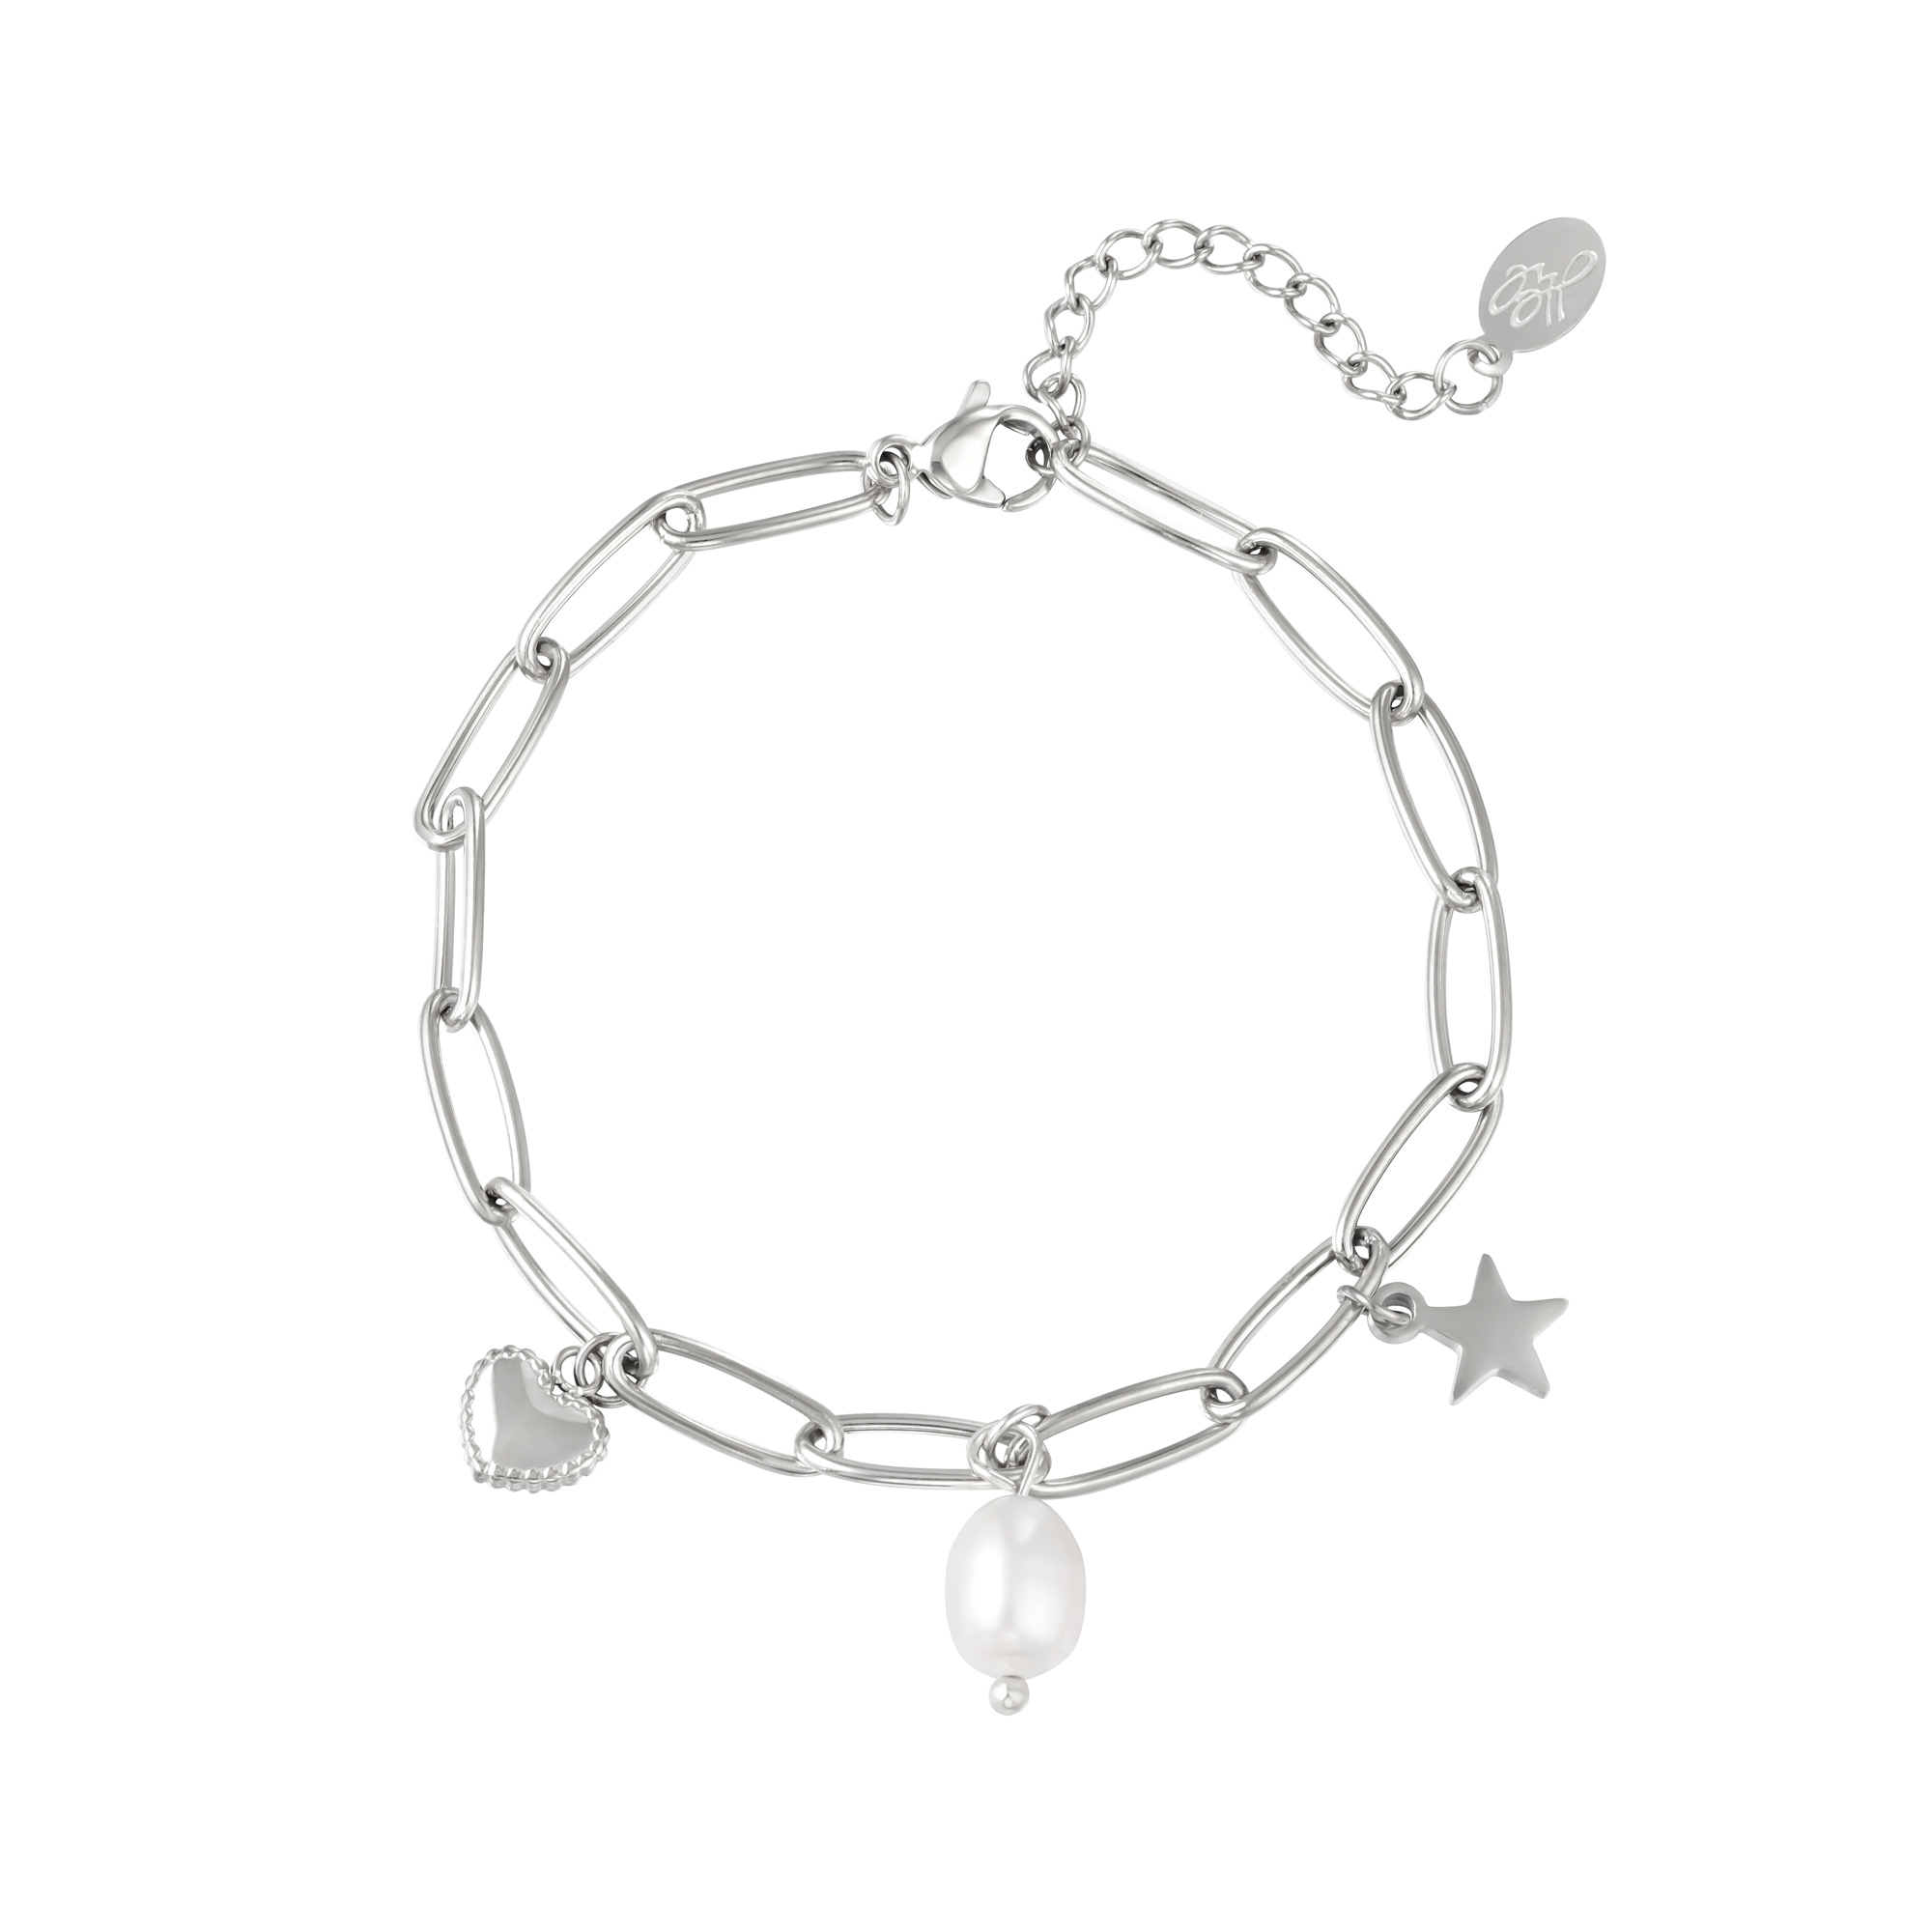 Edelstahlkettenarmband mit herz- und sternförmigen anhängern und perlenanhänger